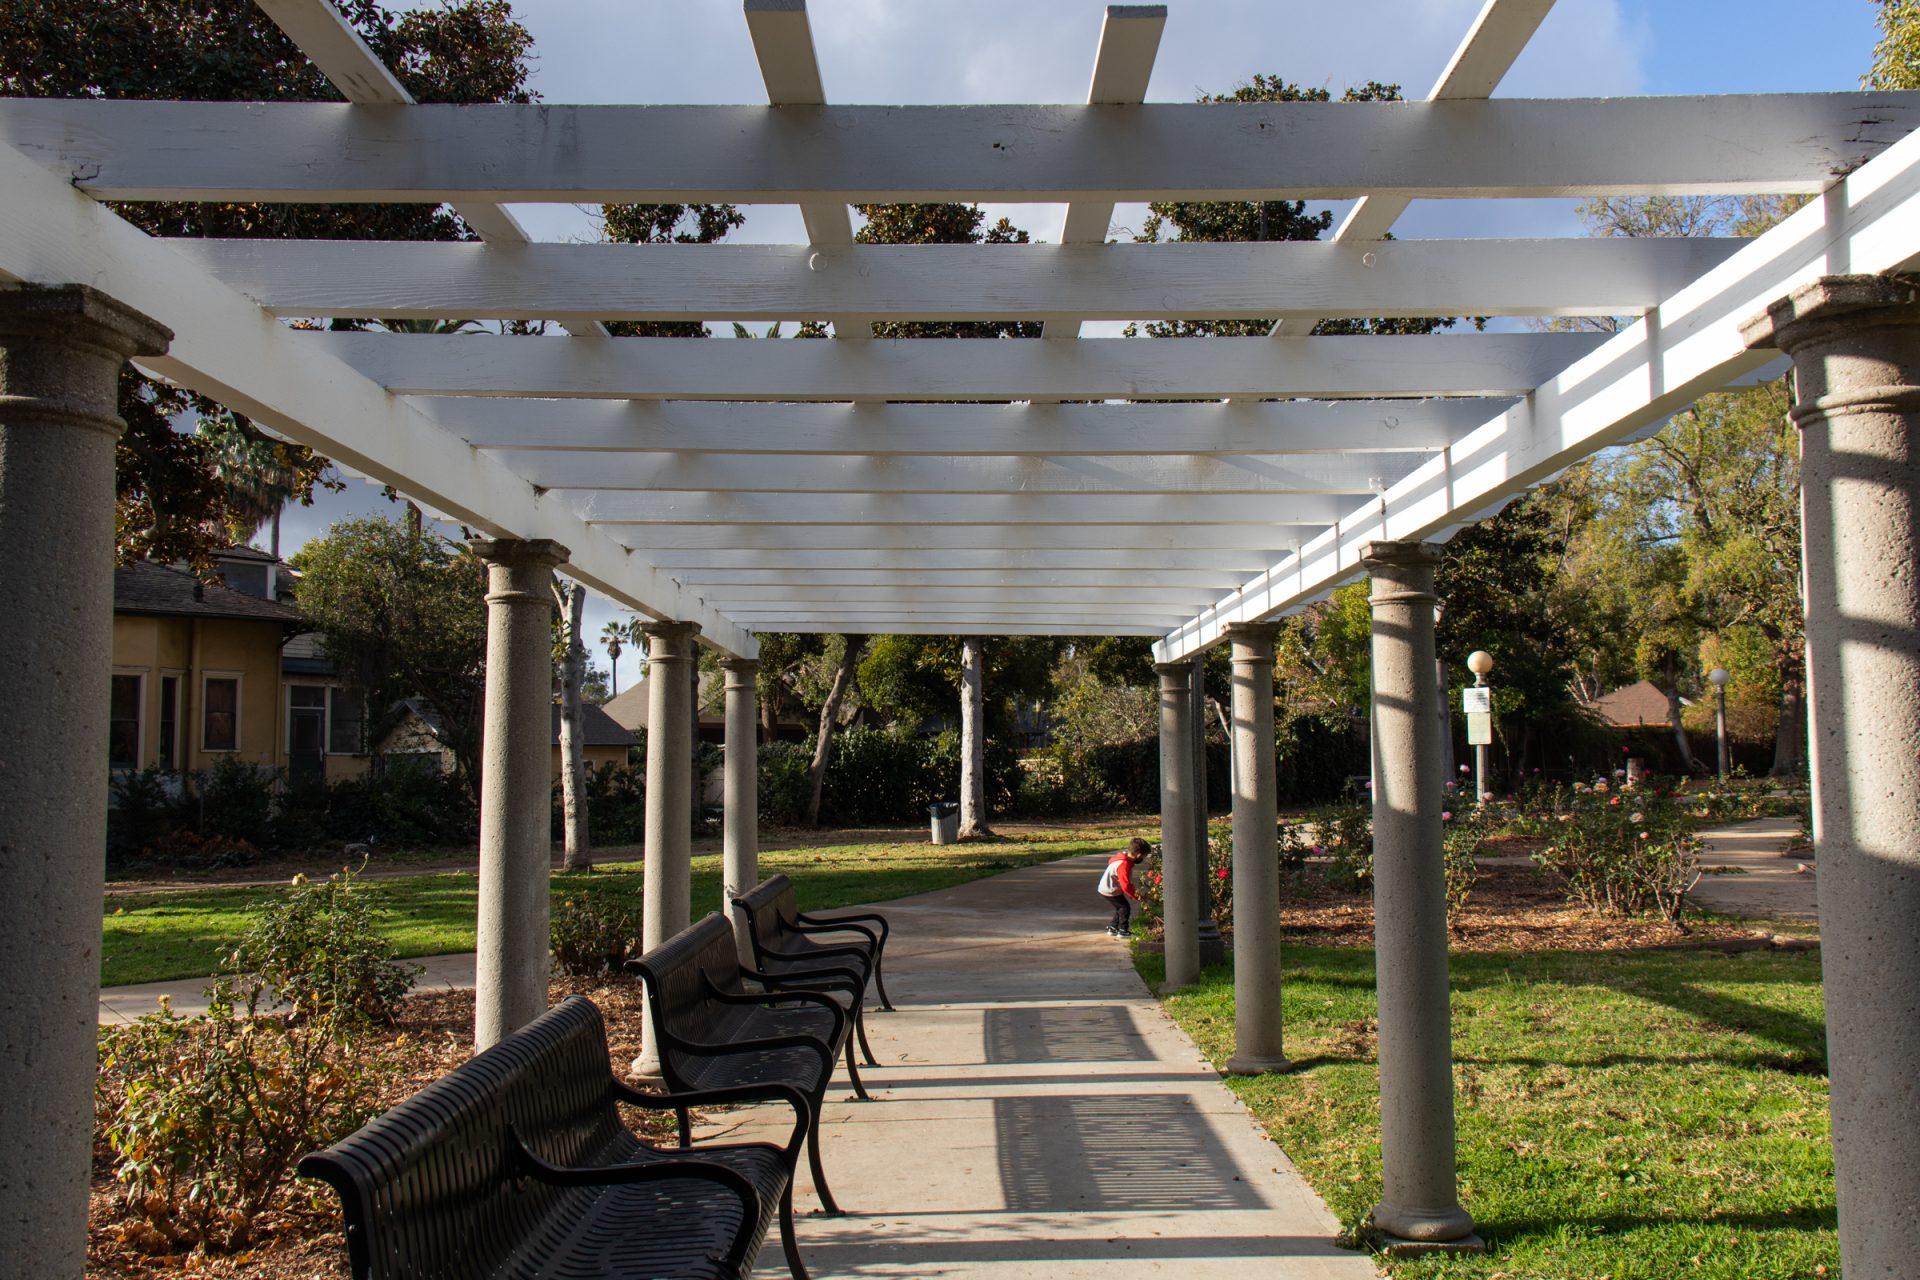 Iron Benches Under Park Pergola